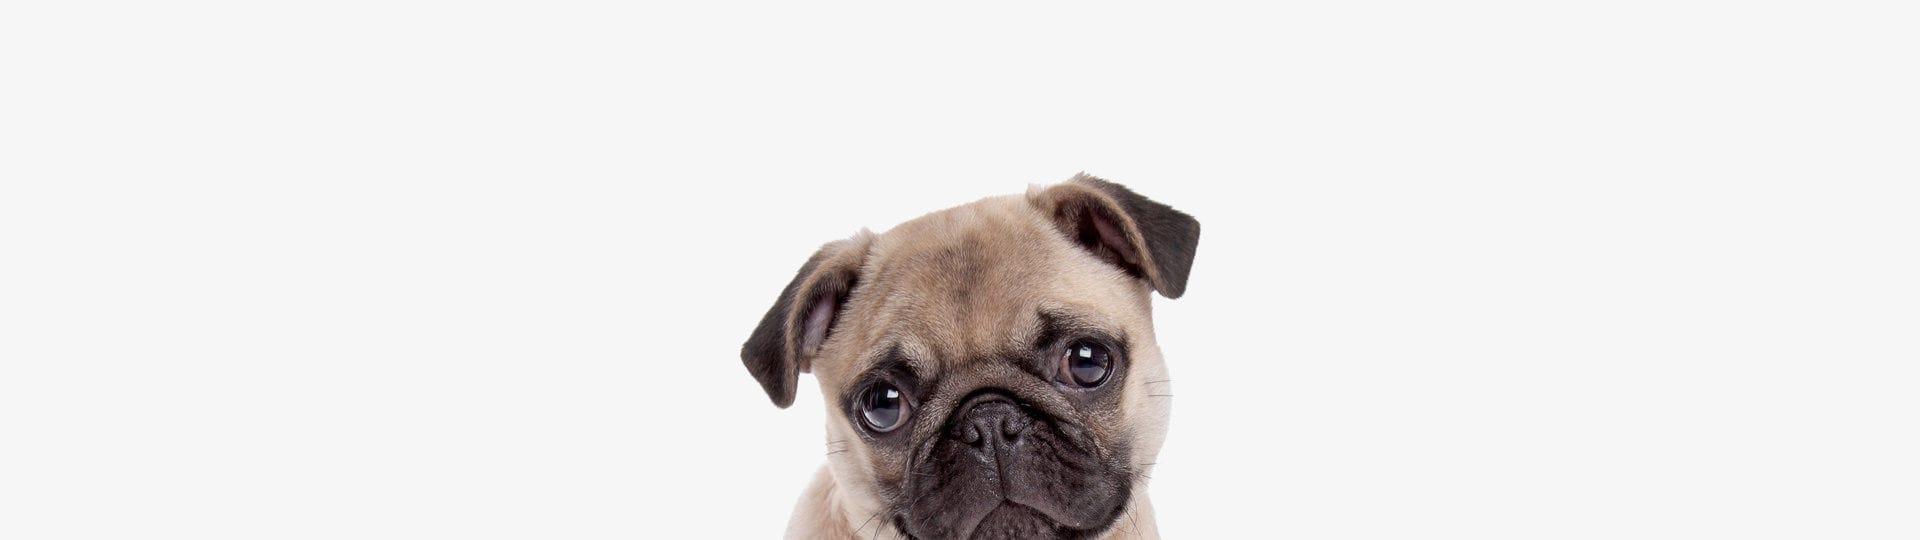 cani stressati diventano troppo